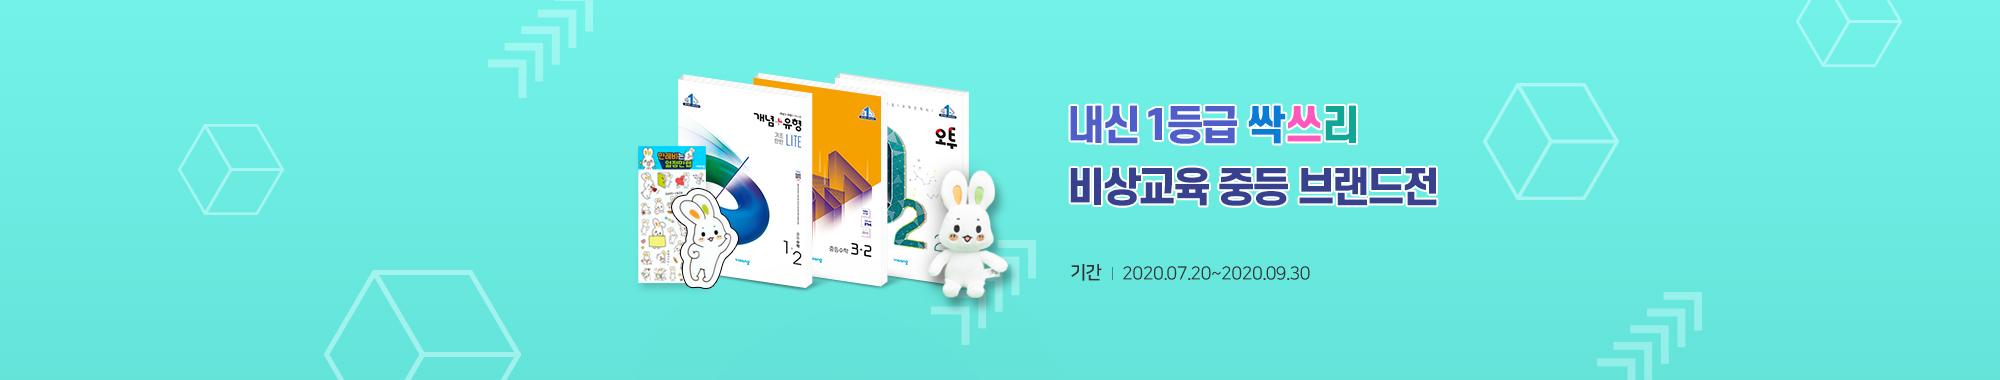 도서 1만원 이상 구매 시 만레비 스티커, 3만원 이상 구매 시 만레비 인형 증정